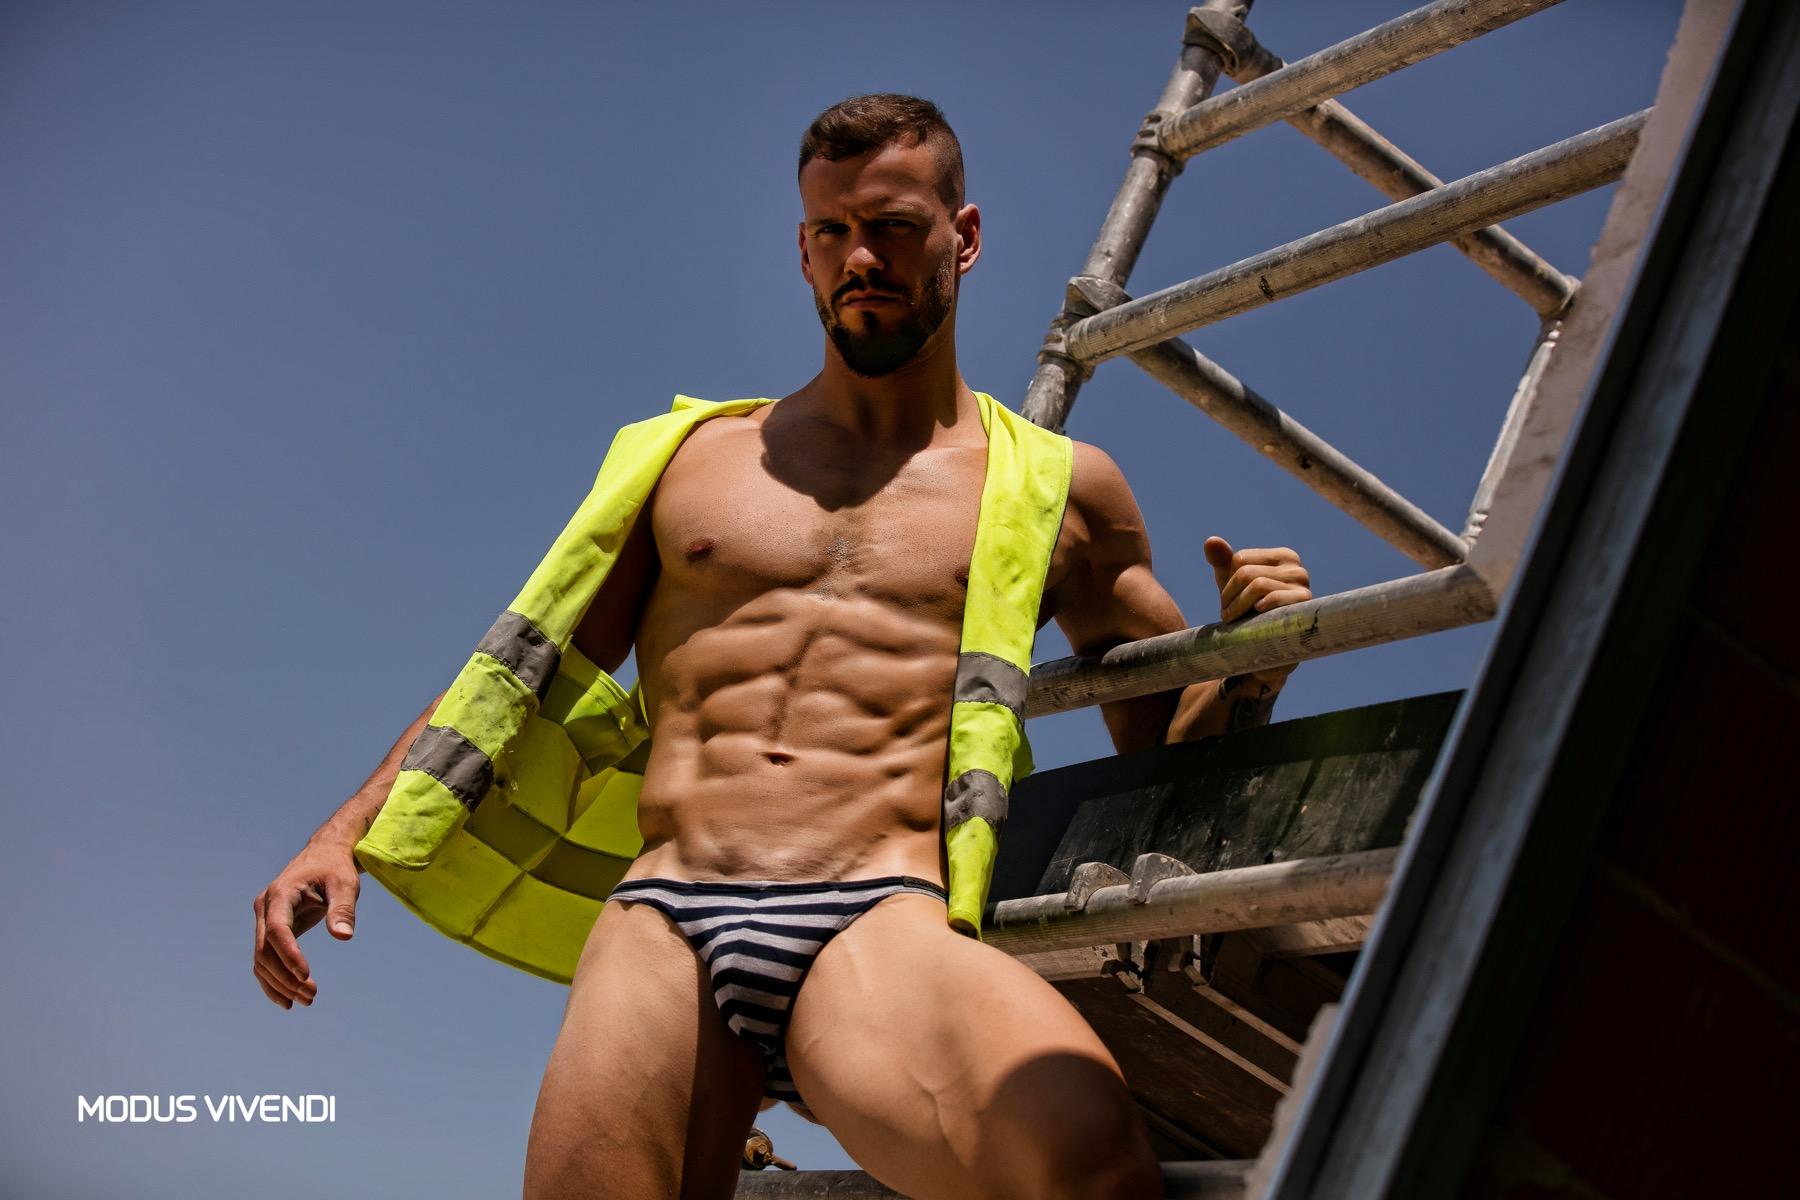 Modus Vivendi Launches the Striped underwear Line